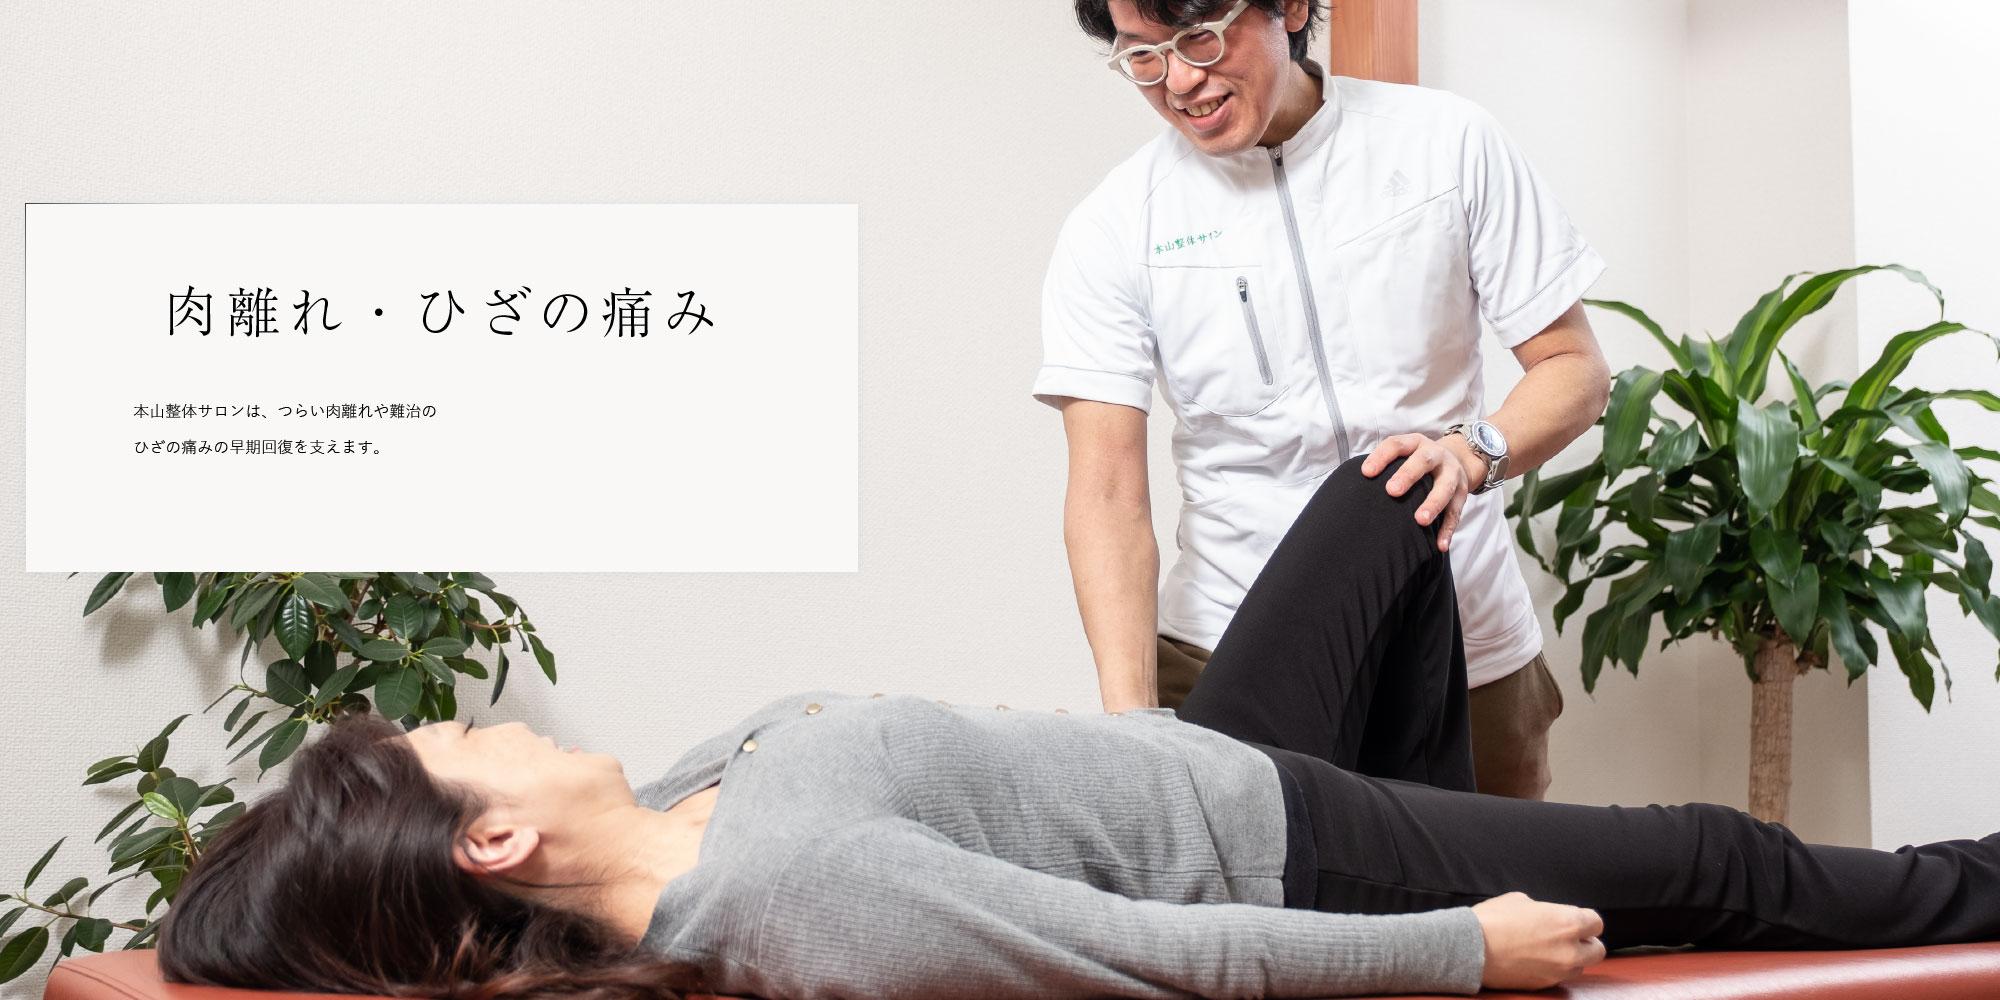 肉離れ ひざの痛み